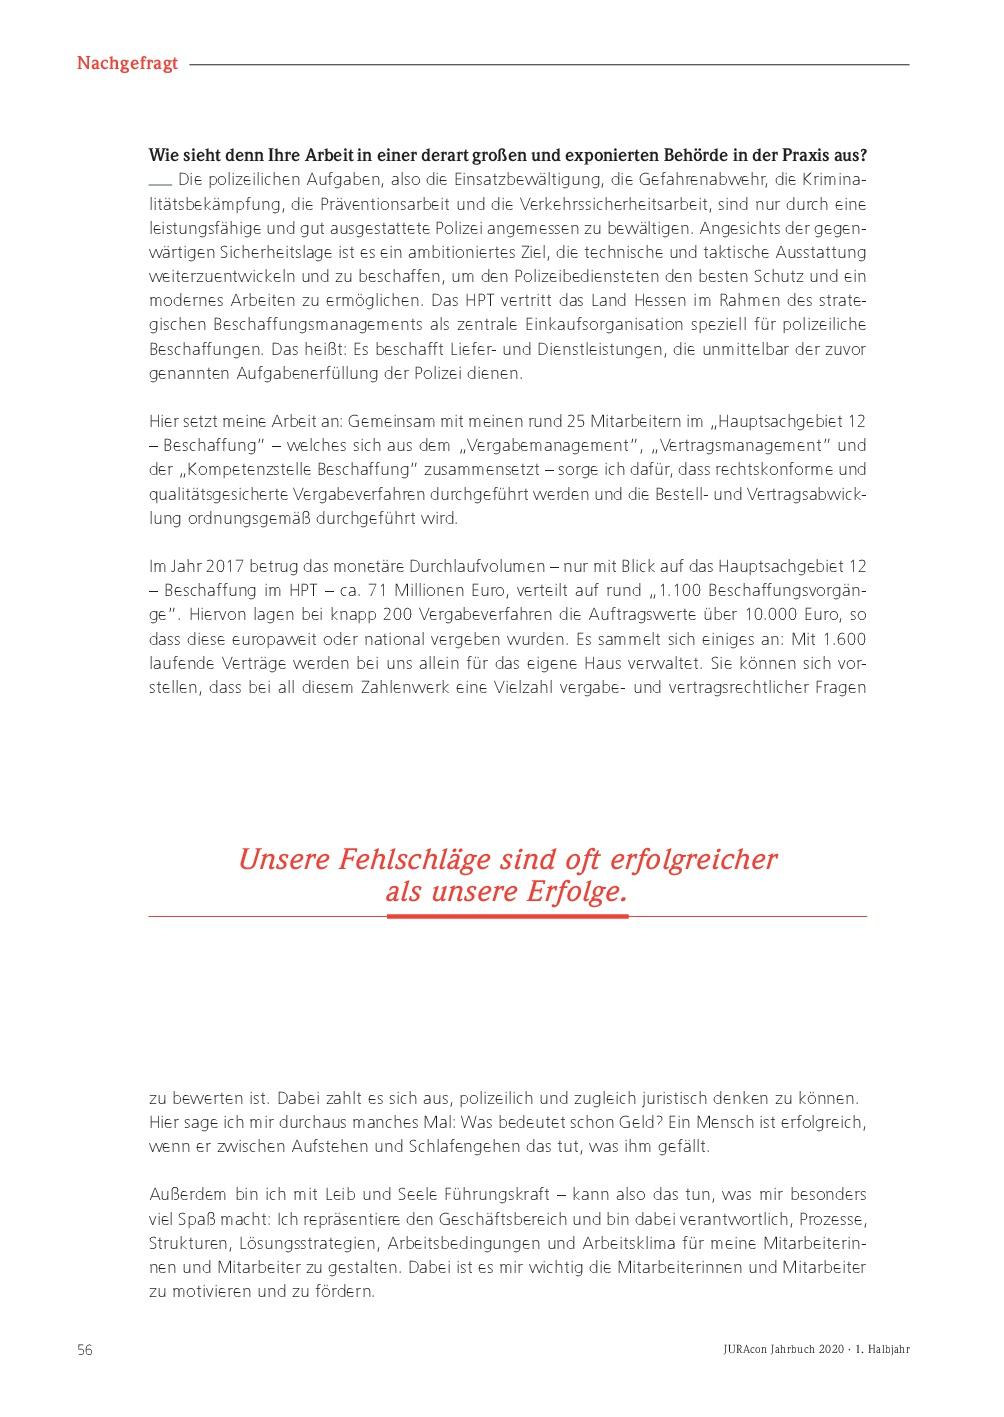 JURAcon Jahrbuch 2020 - Interview Marco Führer - Seite 56